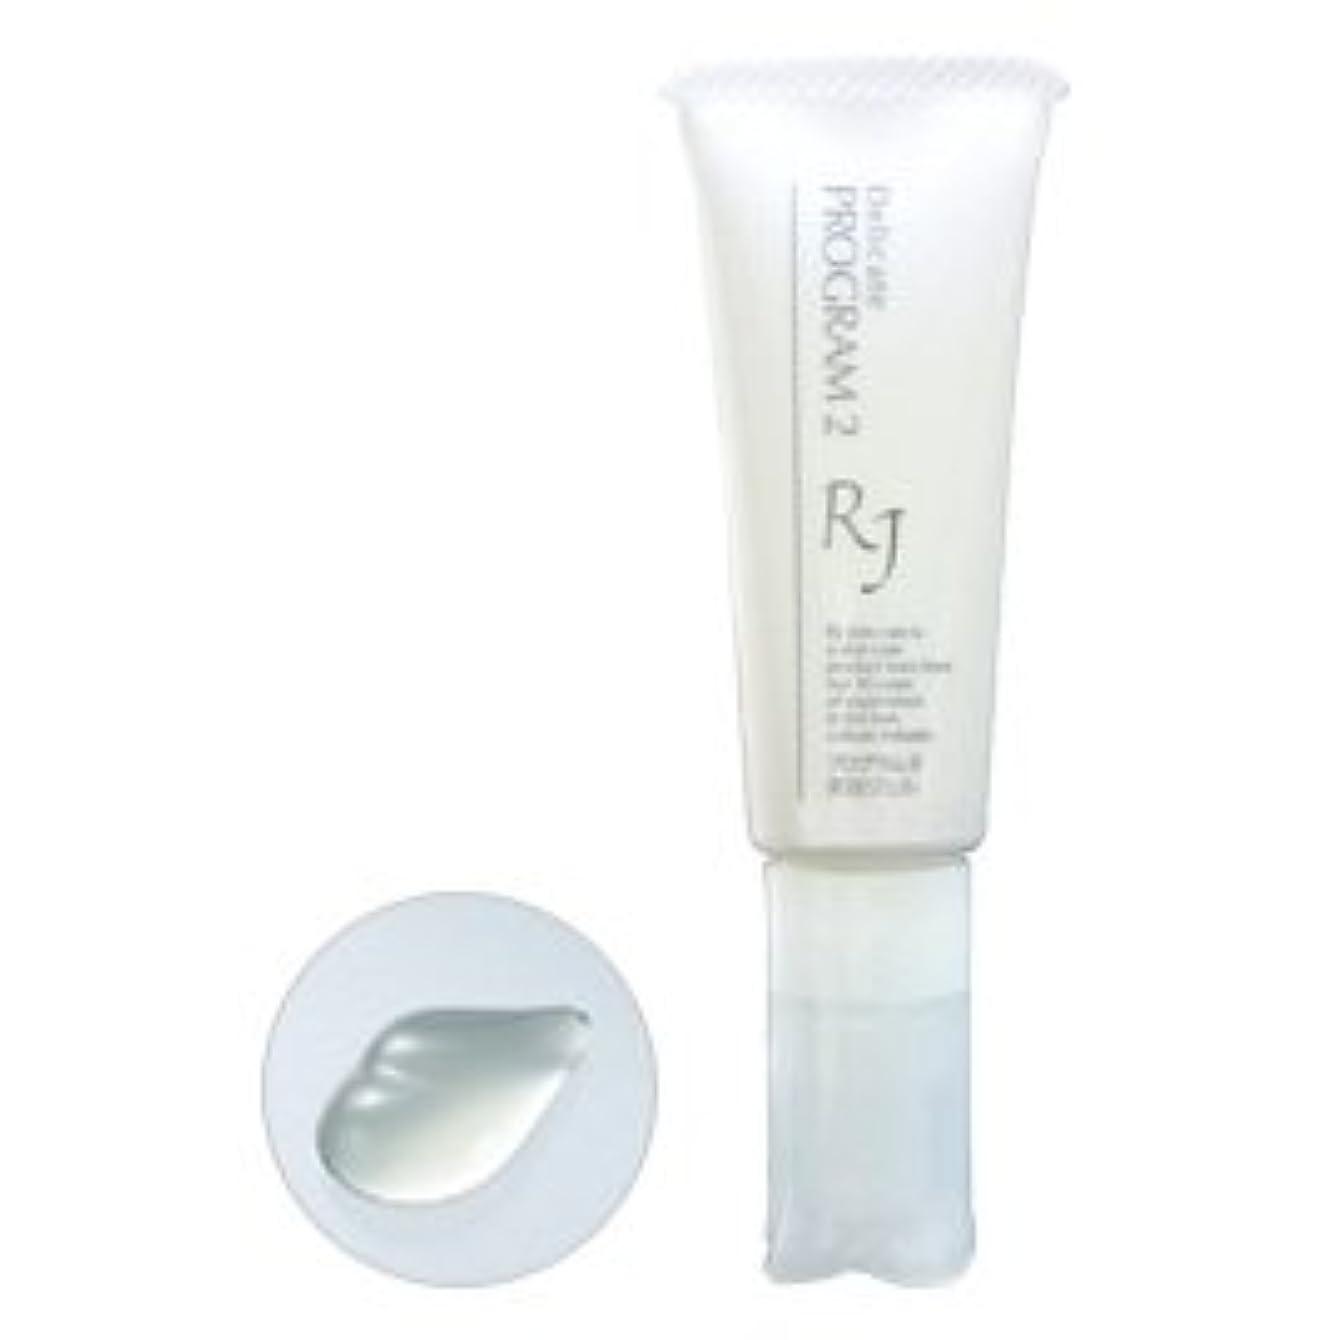 奇跡オーバーコート認証プログラム2 美容ジェル 敏感肌用ジェル状美容液 20mL